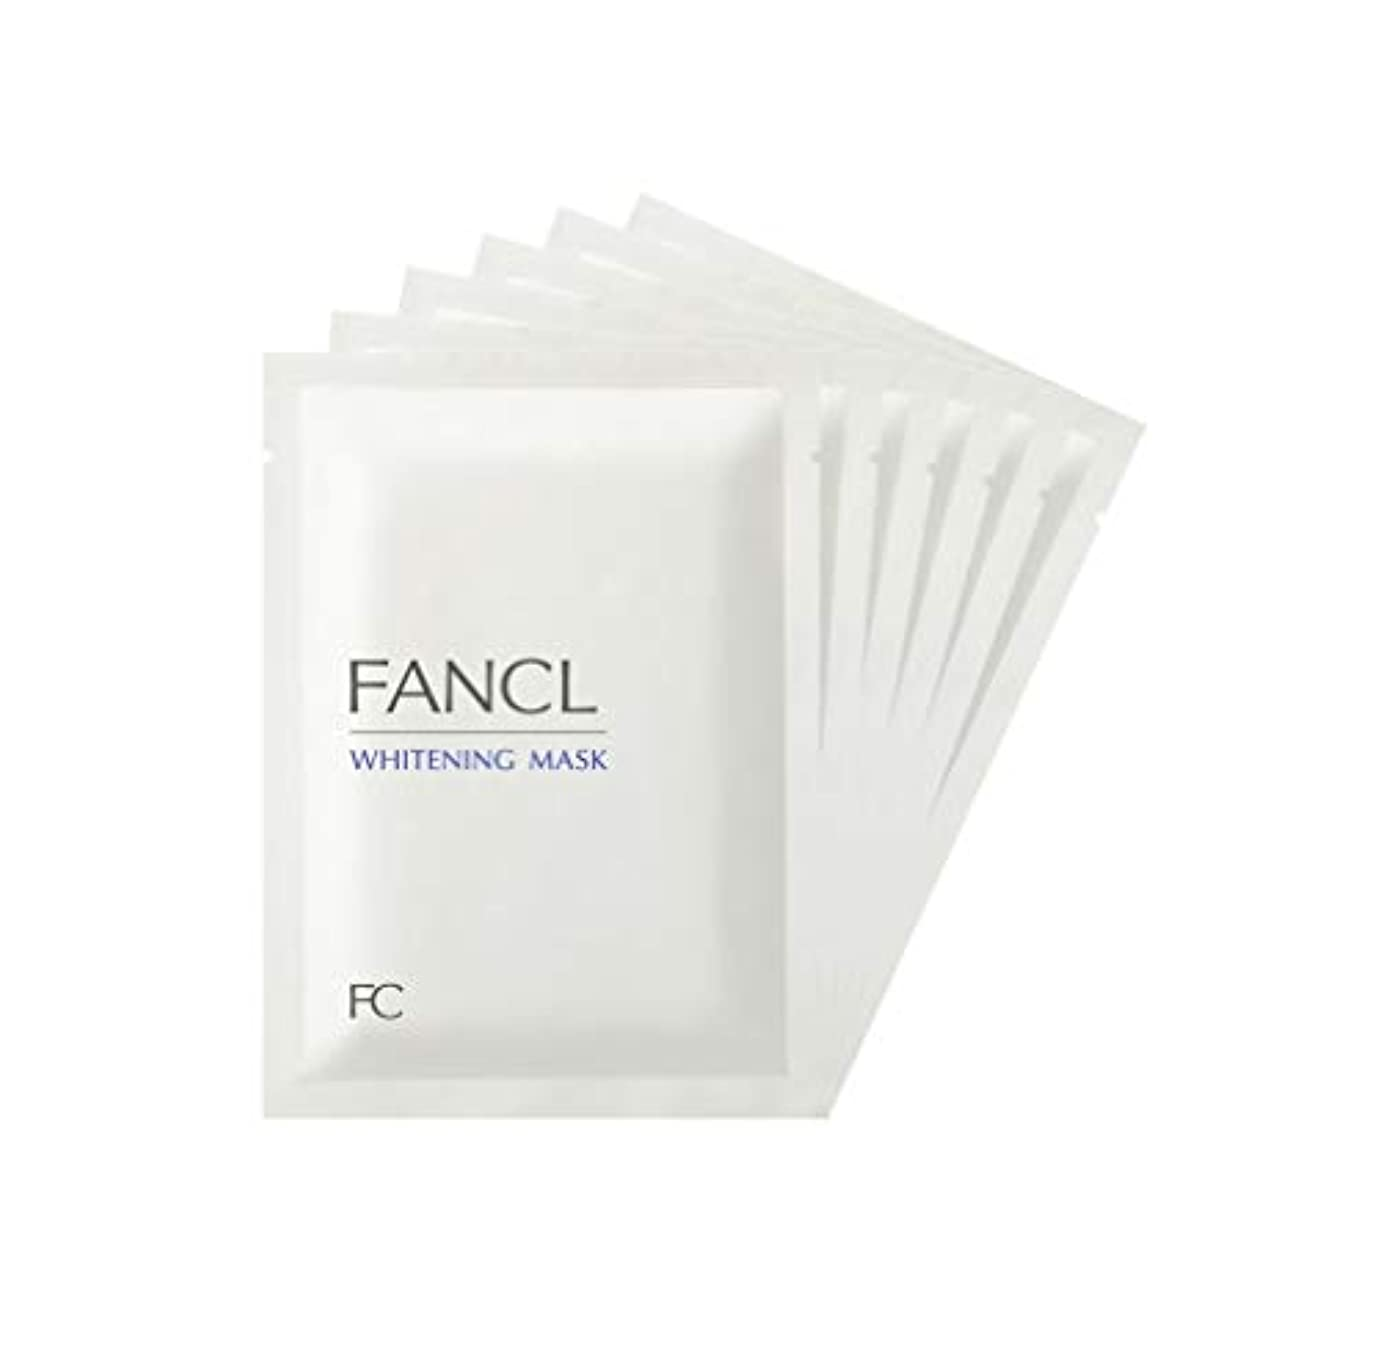 困惑した赤外線に応じてファンケル (FANCL) 新 ホワイトニング マスク 6枚セット (21mL×6) 【医薬部外品】